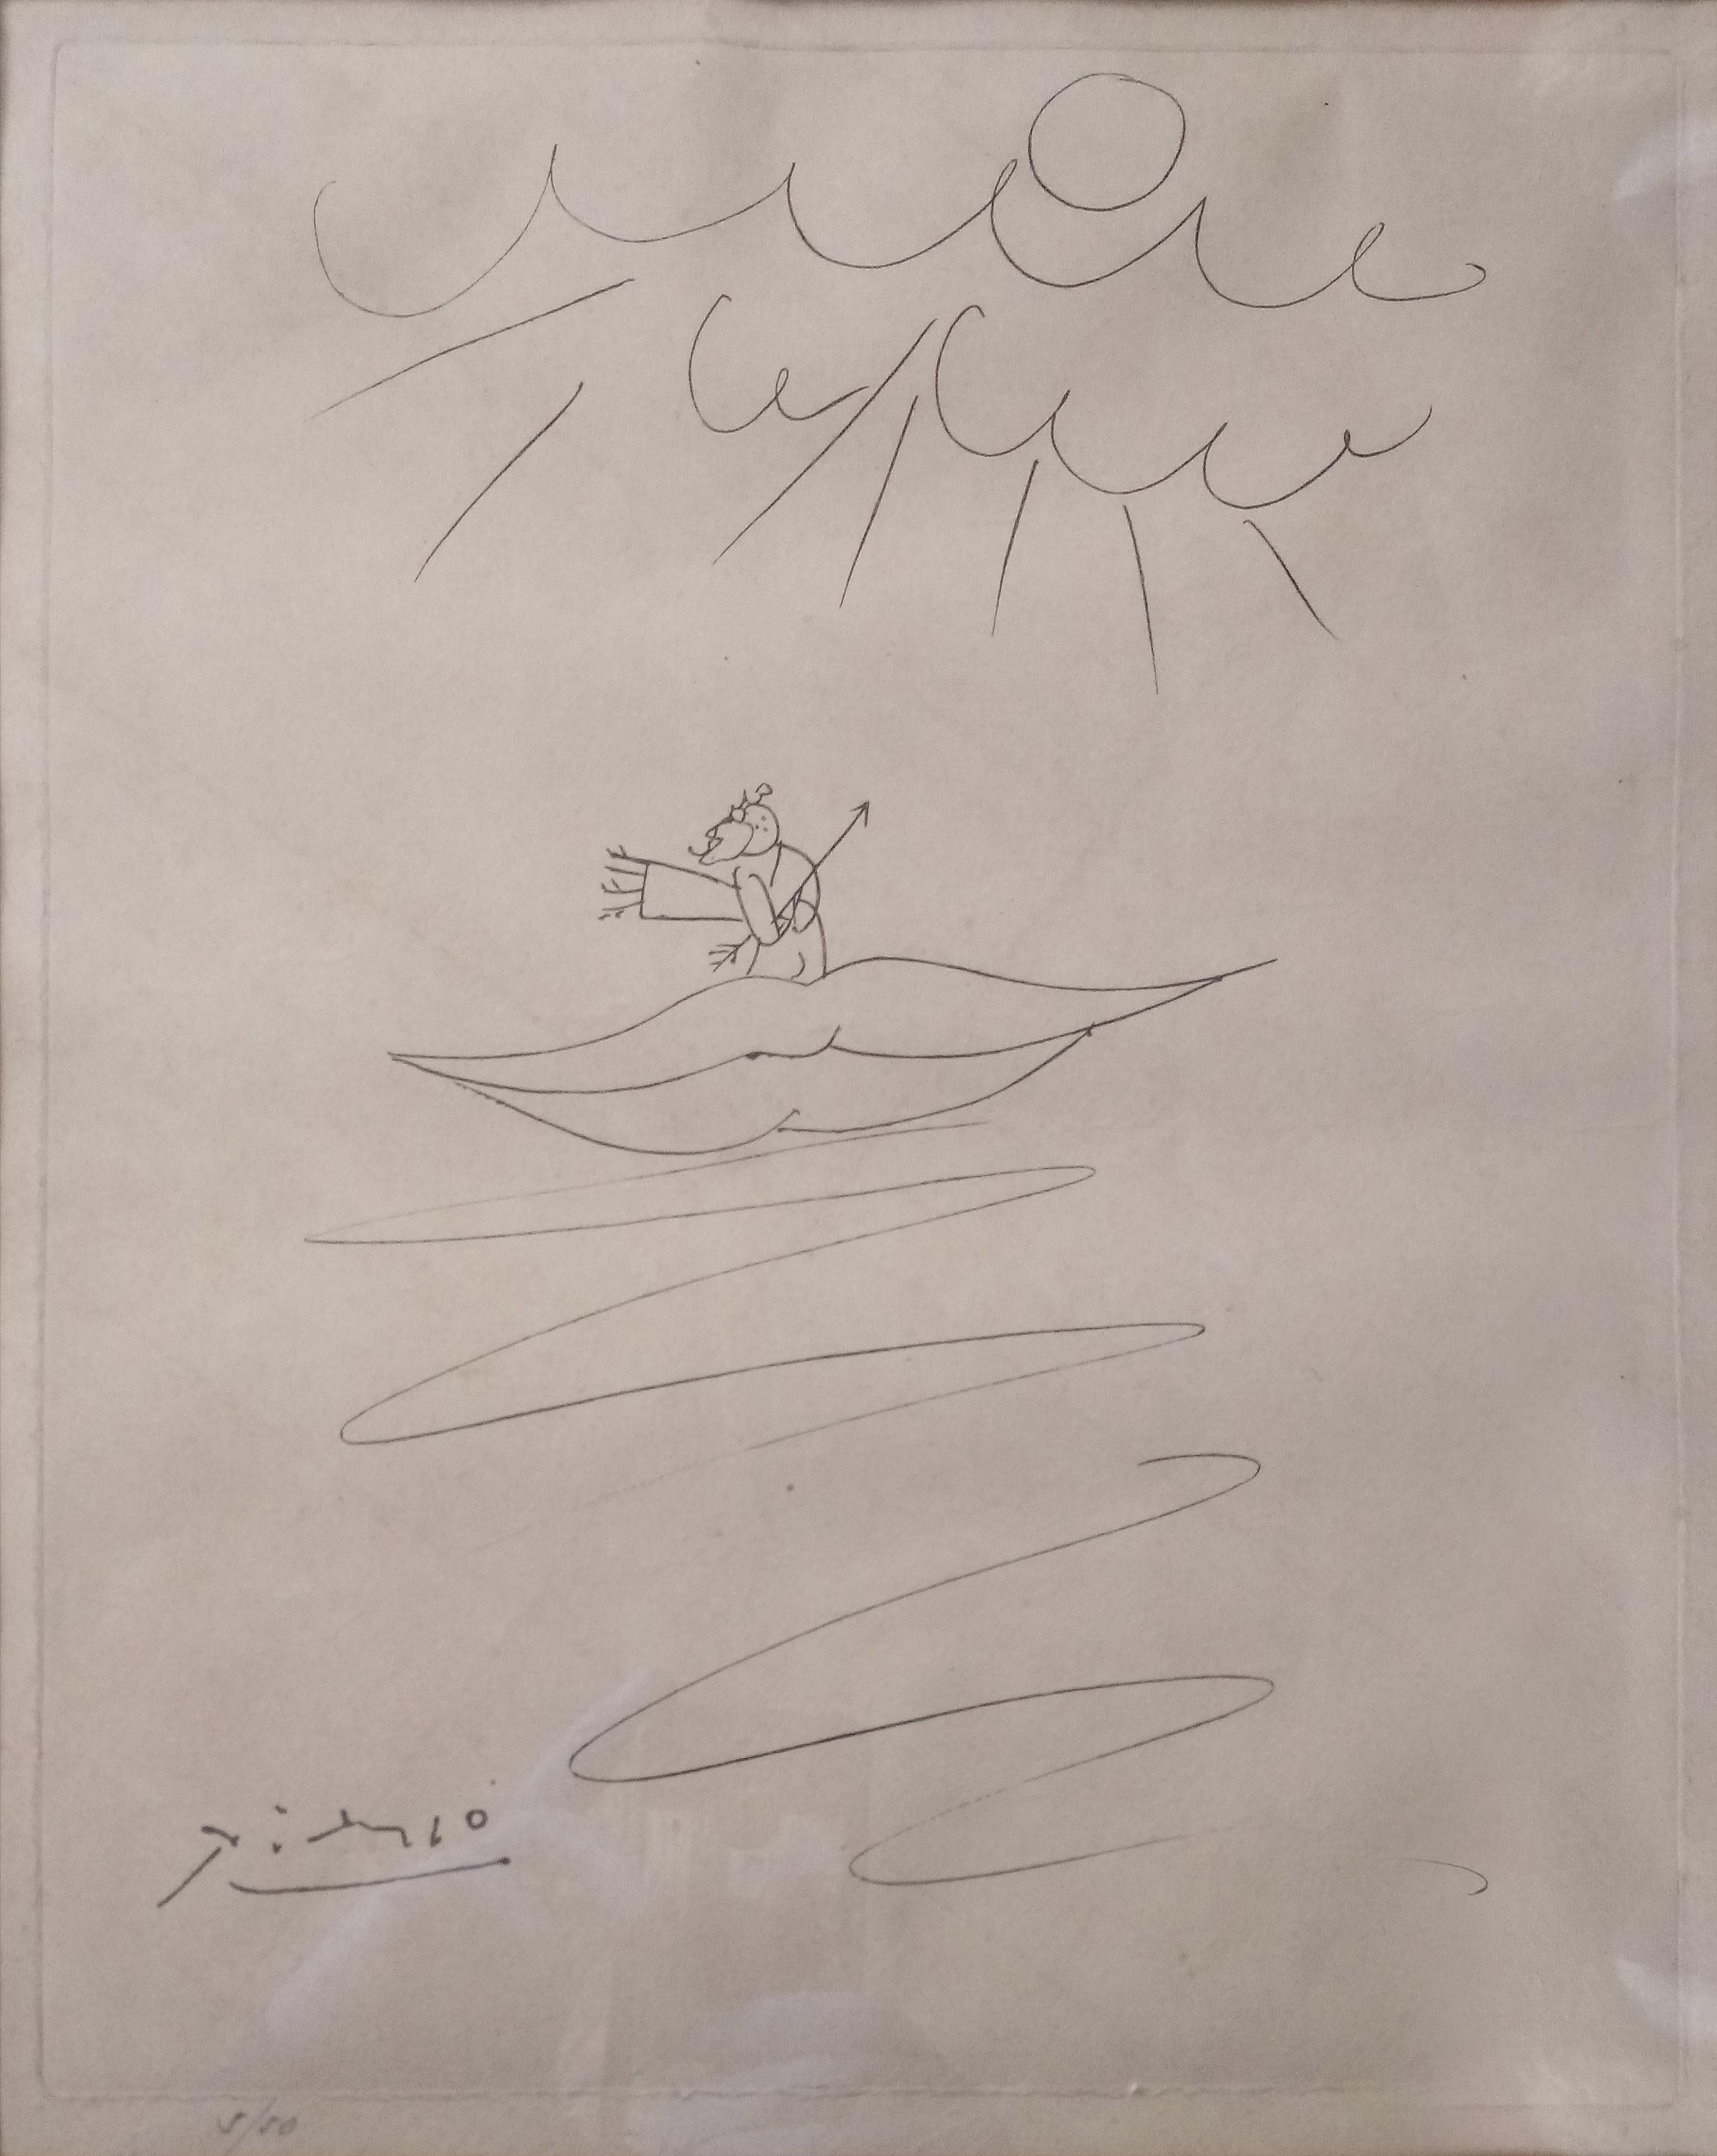 Pablo Picasso – Senza titolo